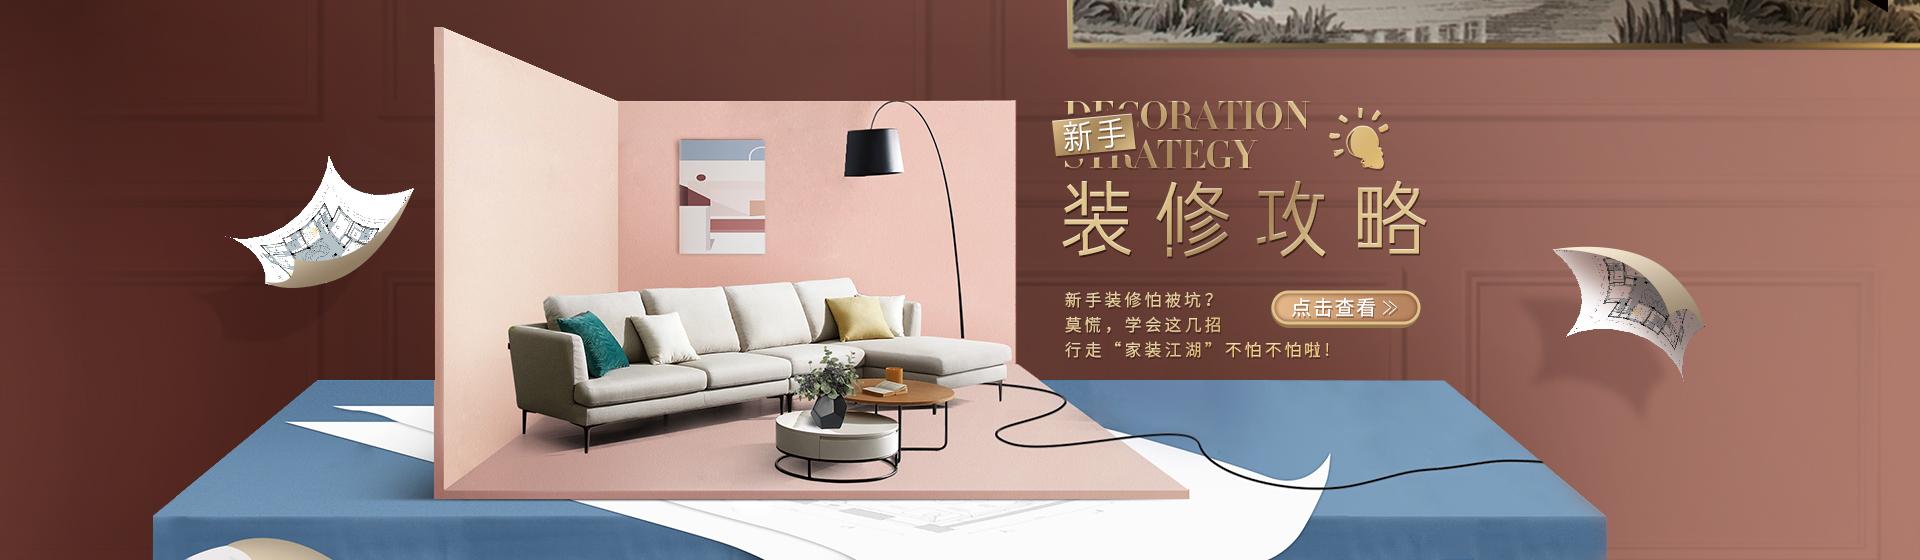 家装-万博物联官方苹果版下载攻略_江苏红蚂蚁装饰